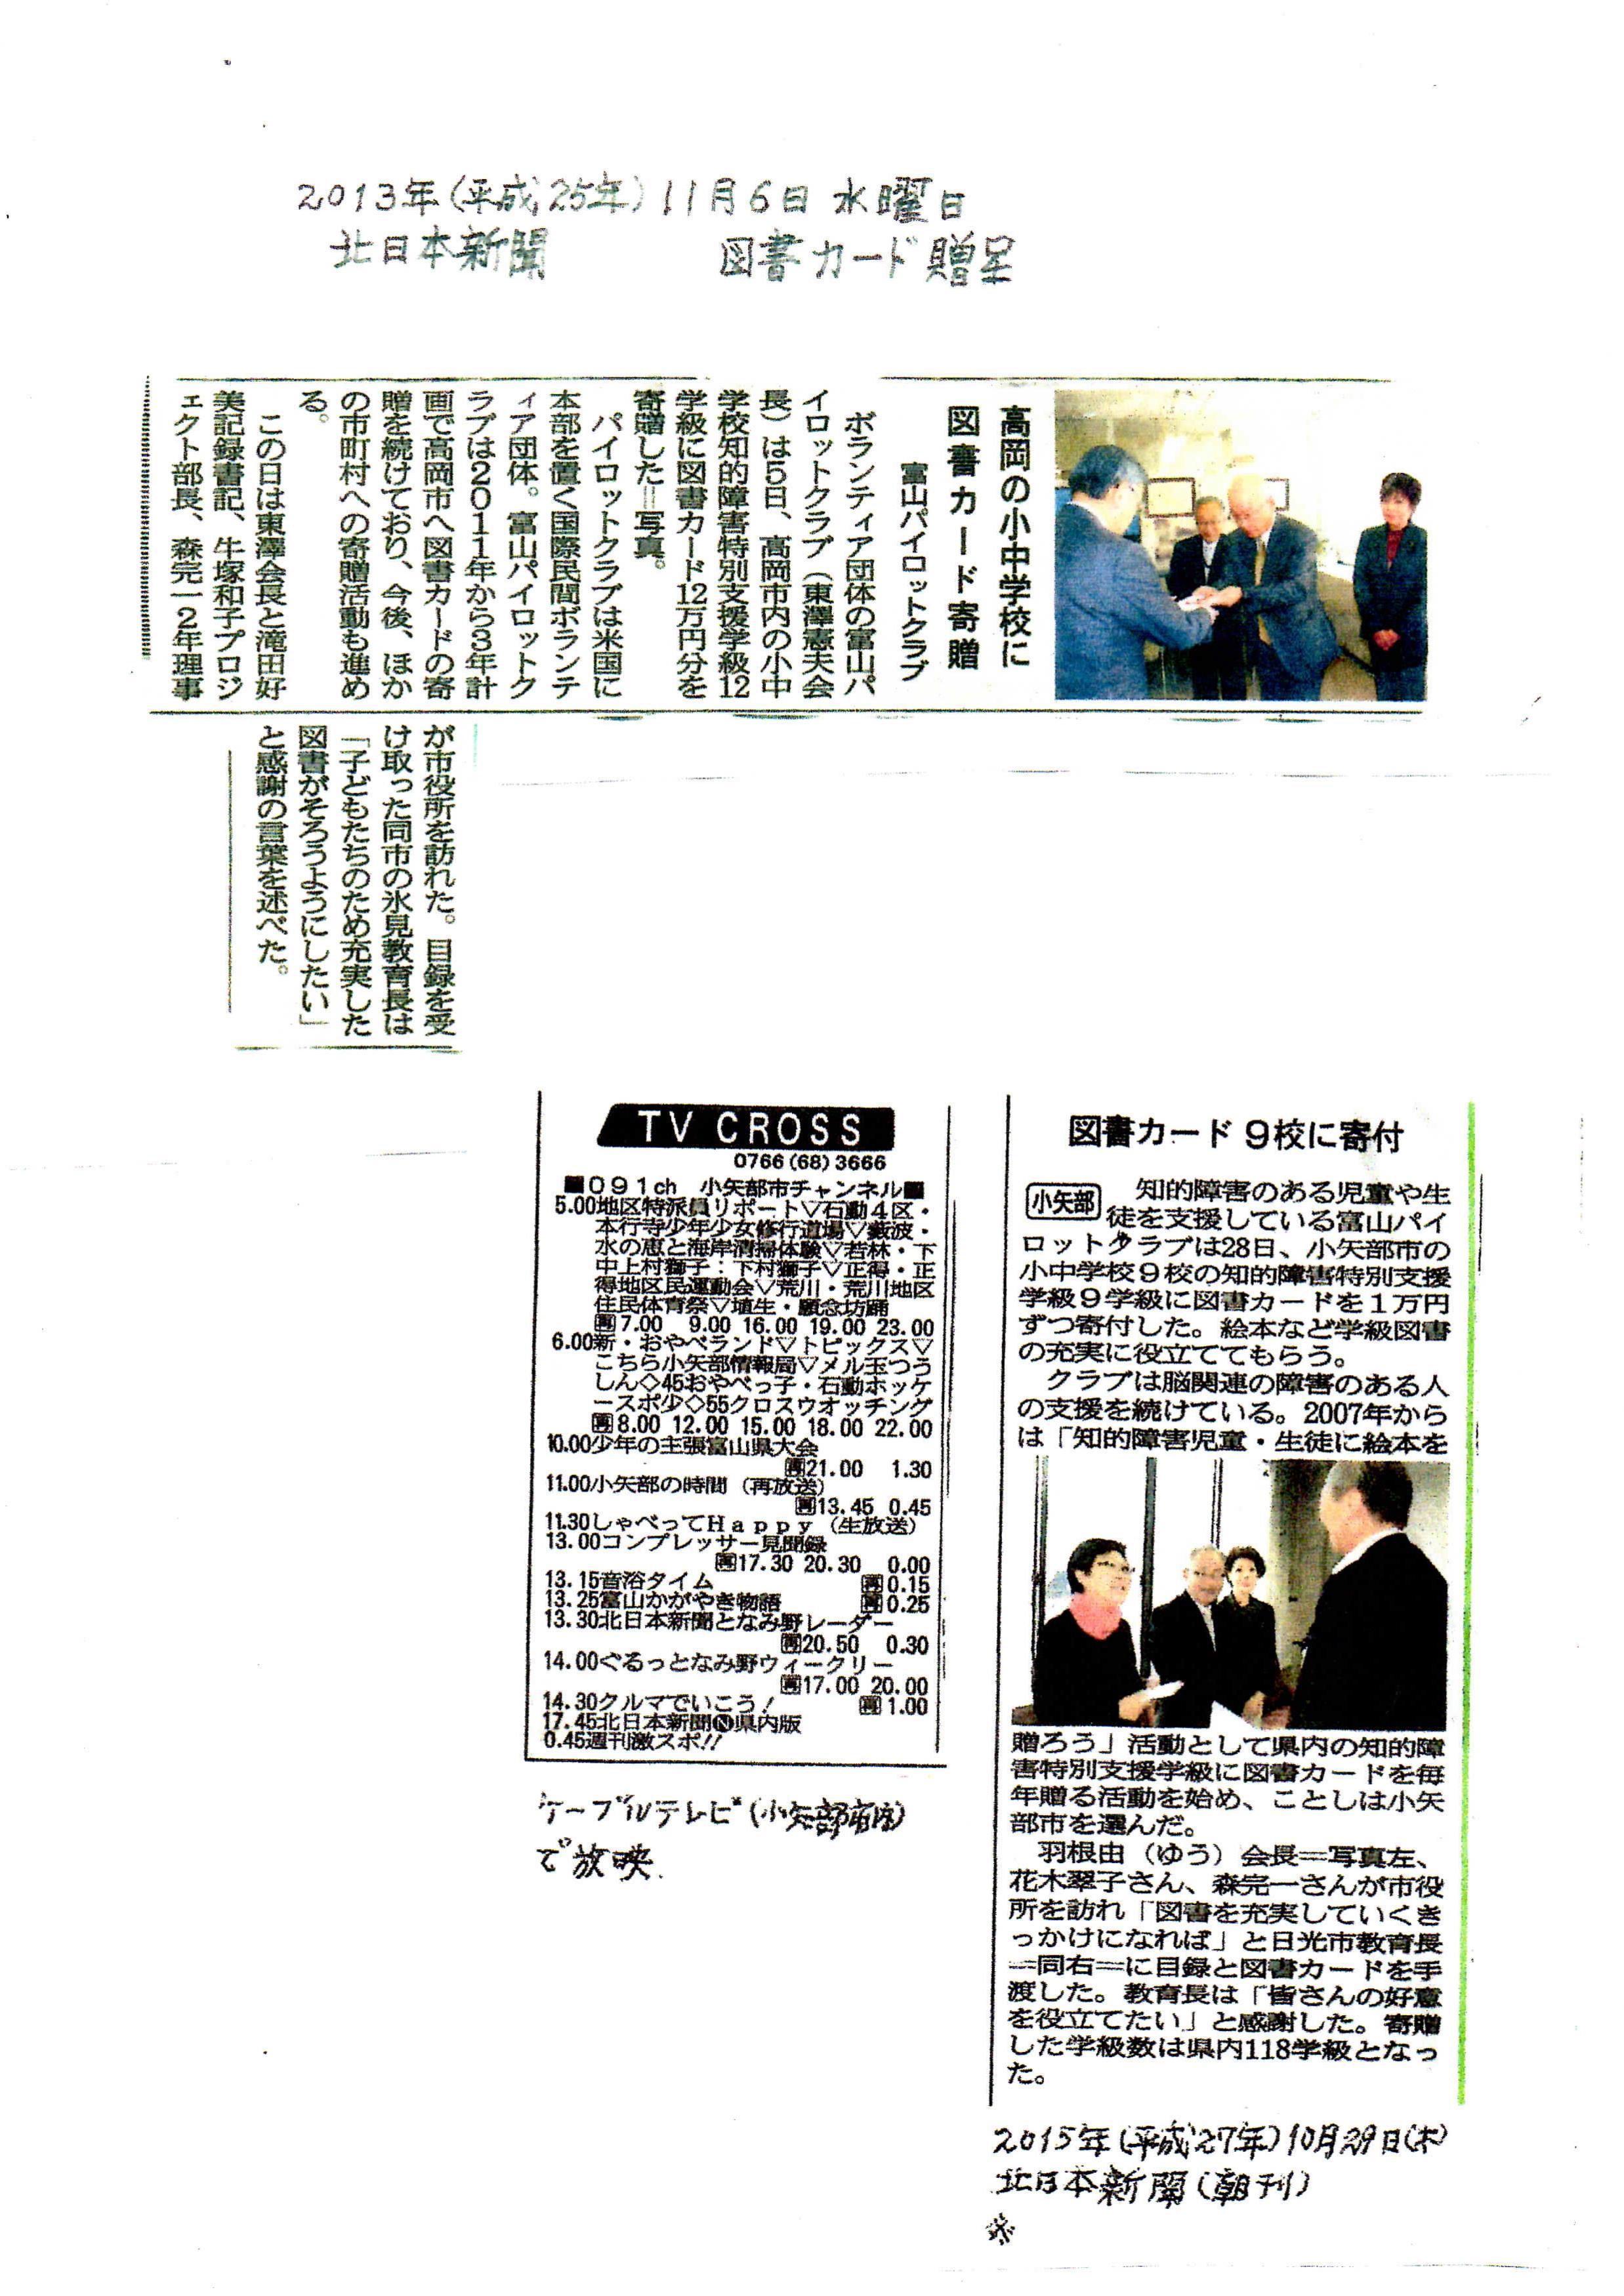 ウォーク贈呈式高岡市記事_01